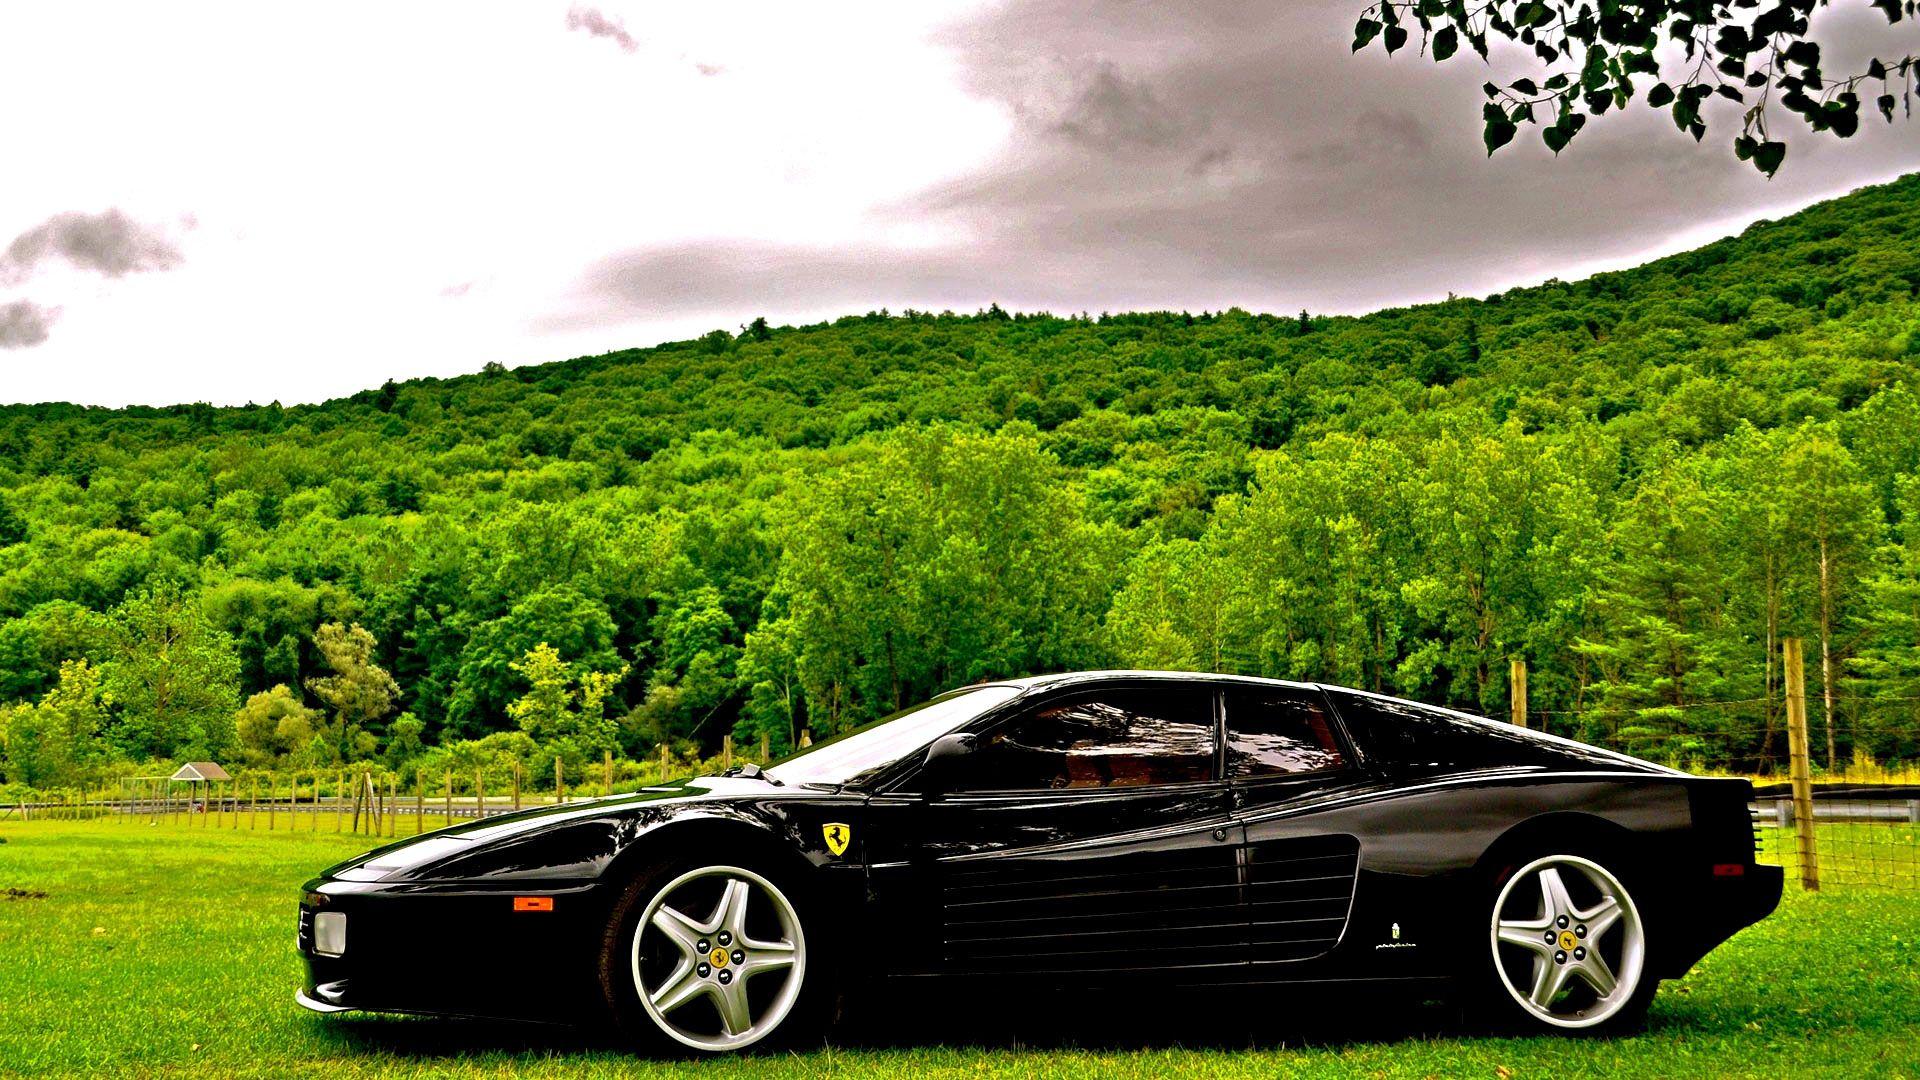 Ferrari Ferrari Testarossa Ferrari Car Ferrari Wallpaper